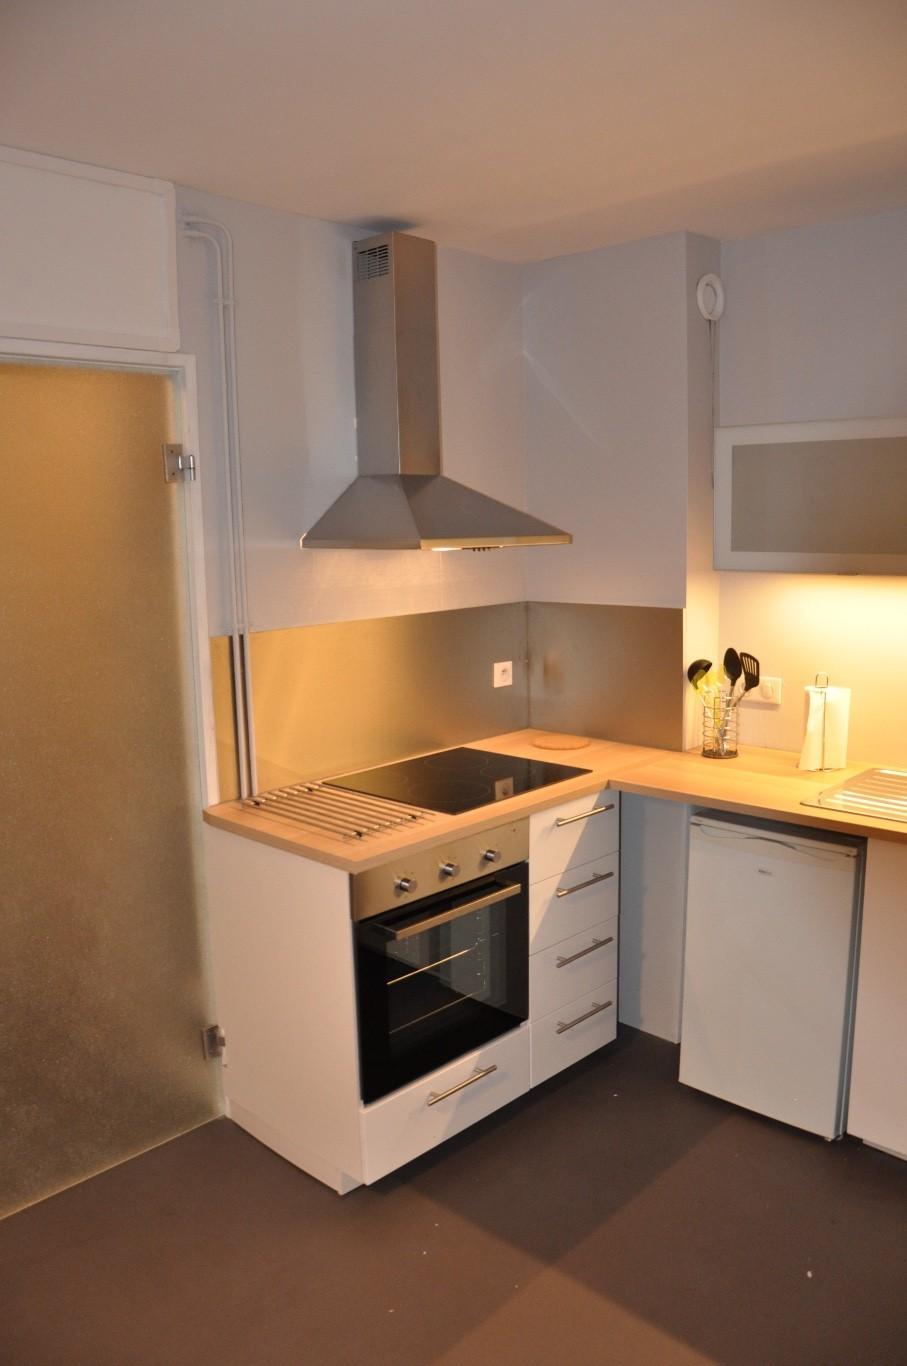 dijon centre ville cole de commerce location appartement 2 pi ces 33m2 620 cc r f 17. Black Bedroom Furniture Sets. Home Design Ideas